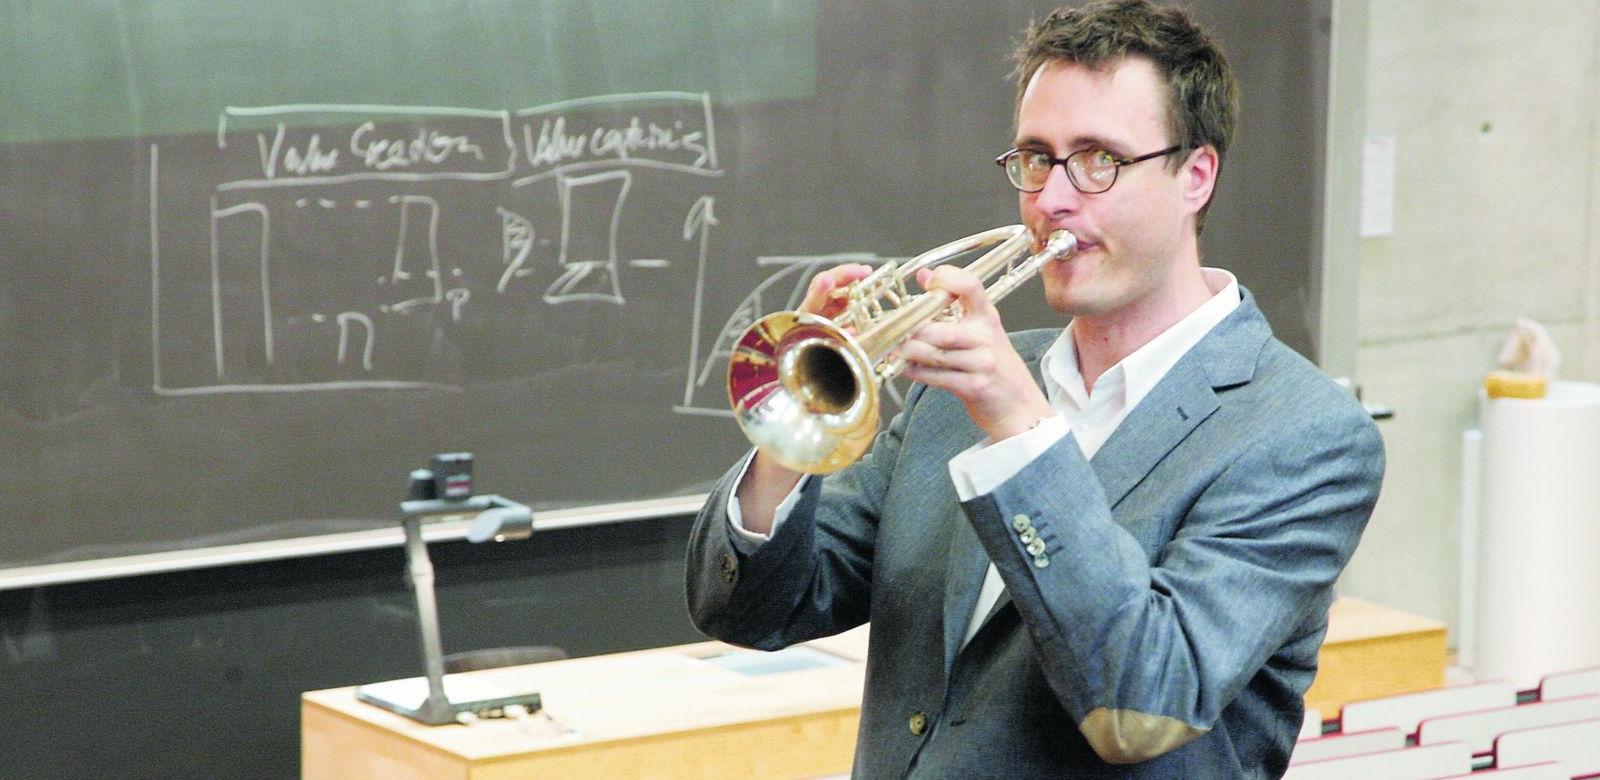 Früher wollte er Pfarrer werden, dann war er Konzert-Trompeter, jetzt ist er Wirtschaftswissenschaftler: Andreas König.